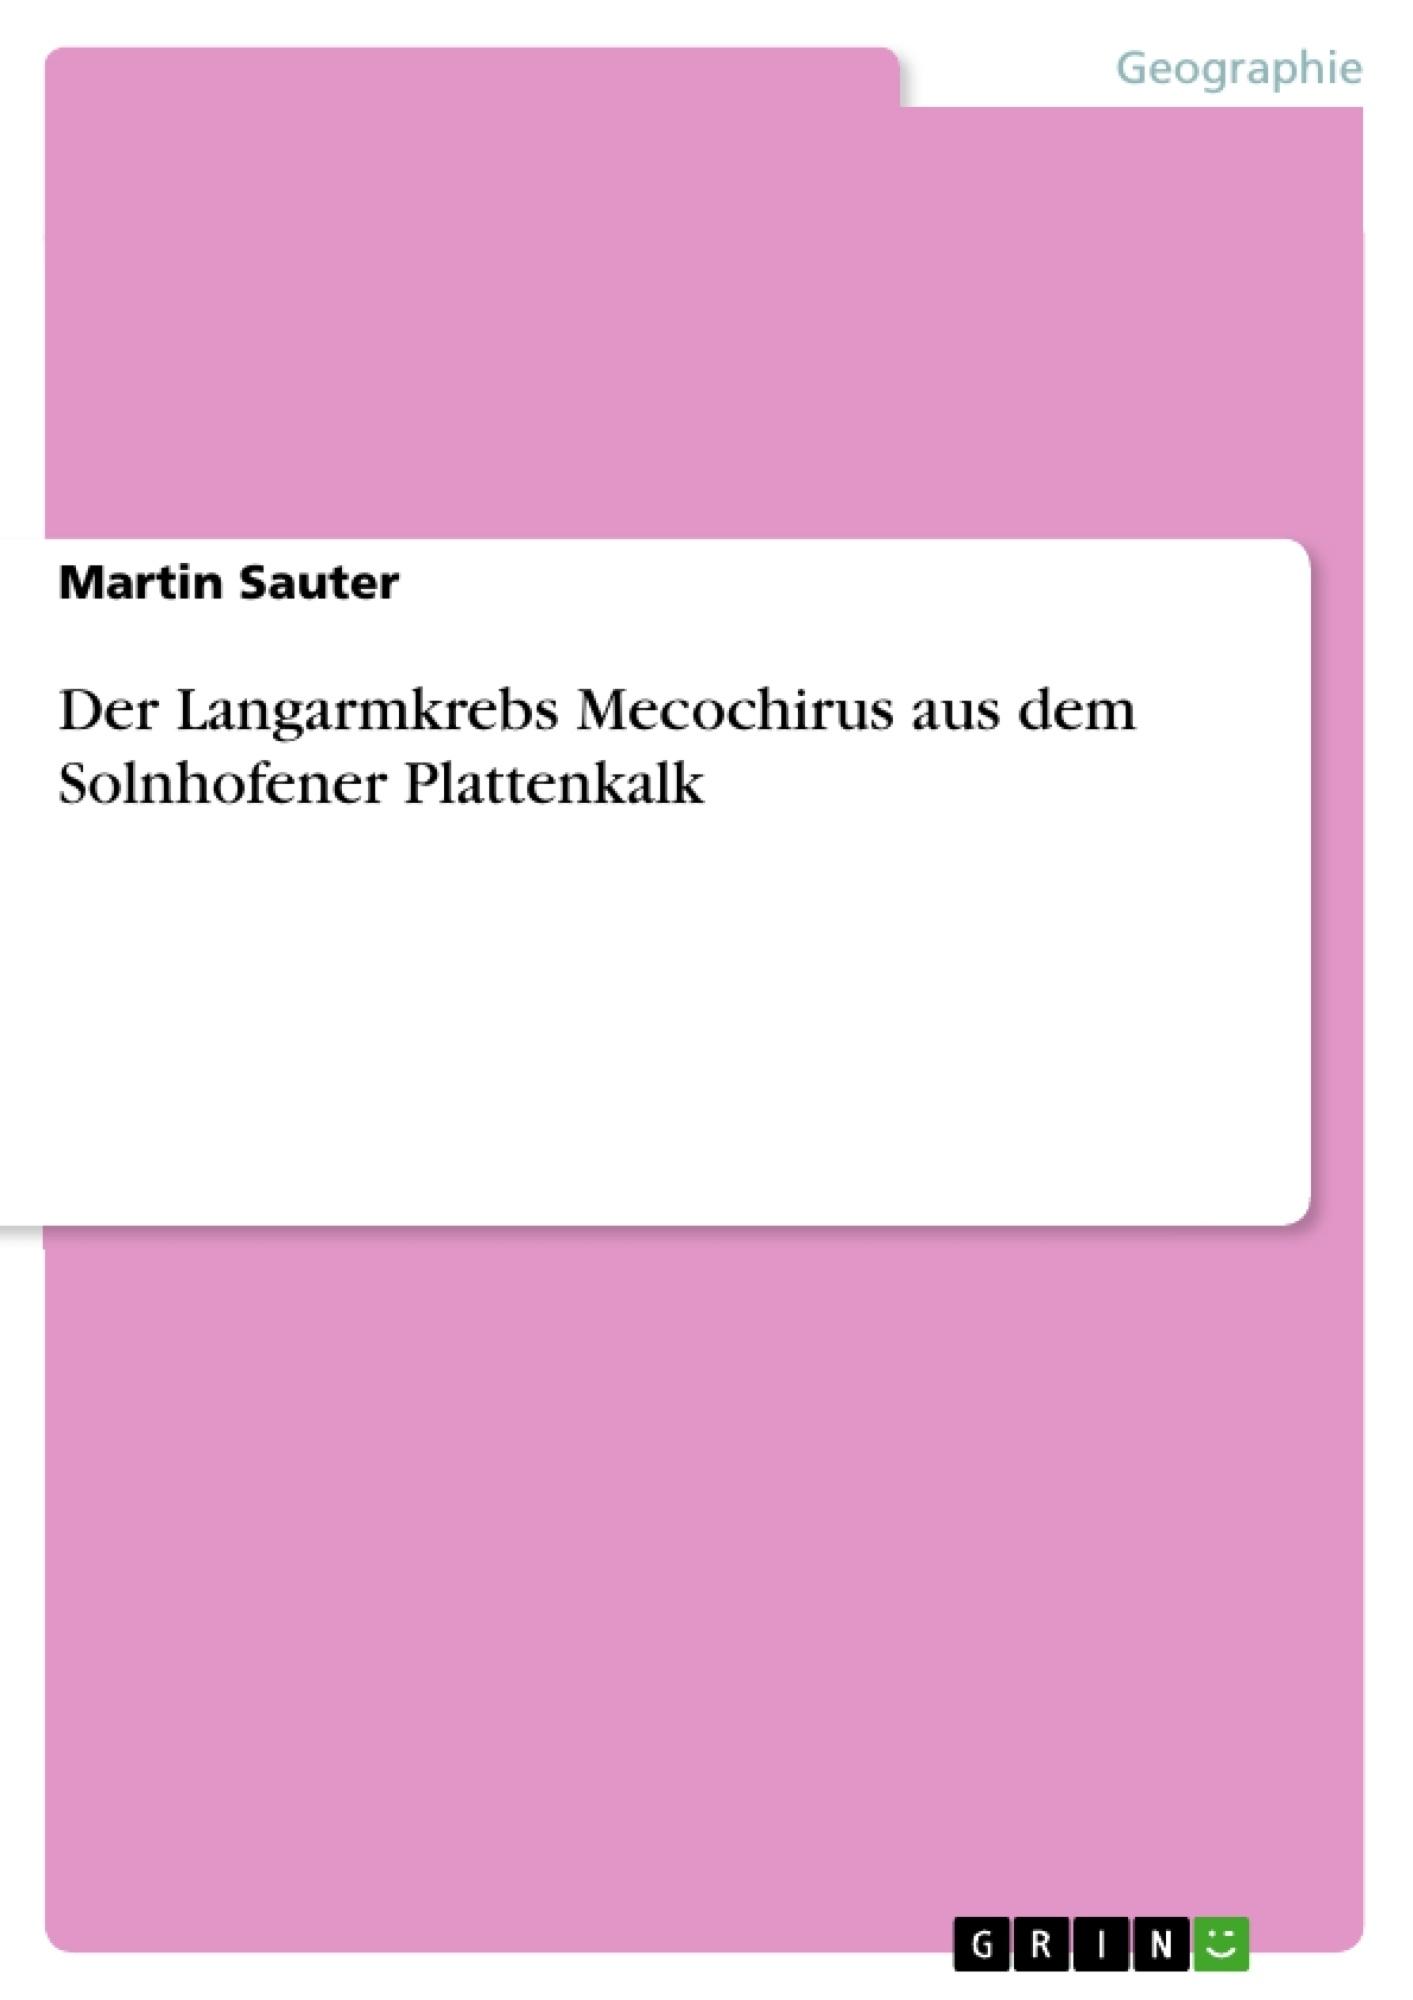 Titel: Der Langarmkrebs Mecochirus aus dem Solnhofener Plattenkalk